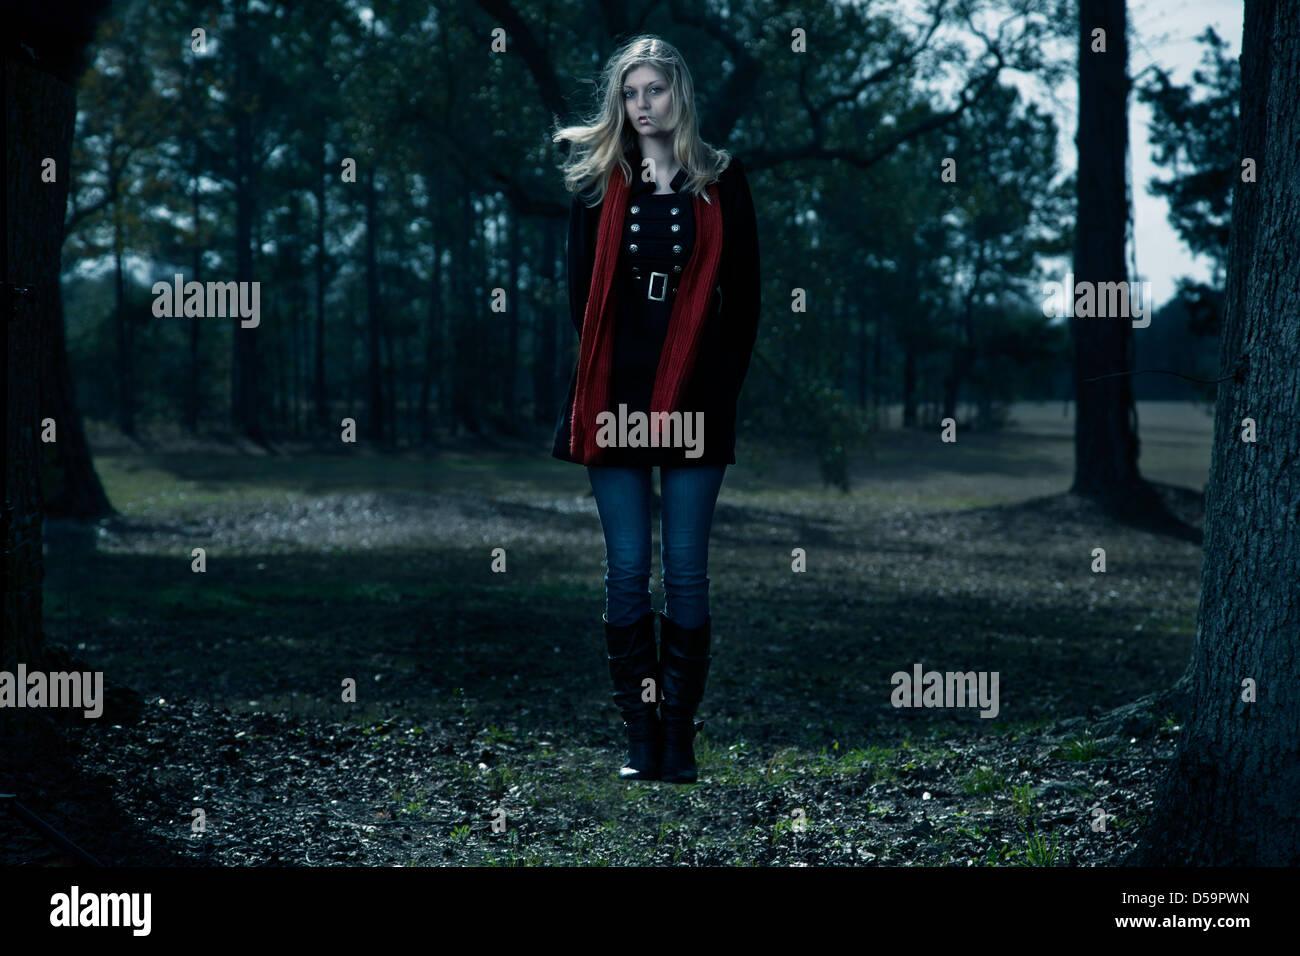 Femme blonde manteau noir écharpe rouge extérieur flottant woods ciel bleu Photo Stock